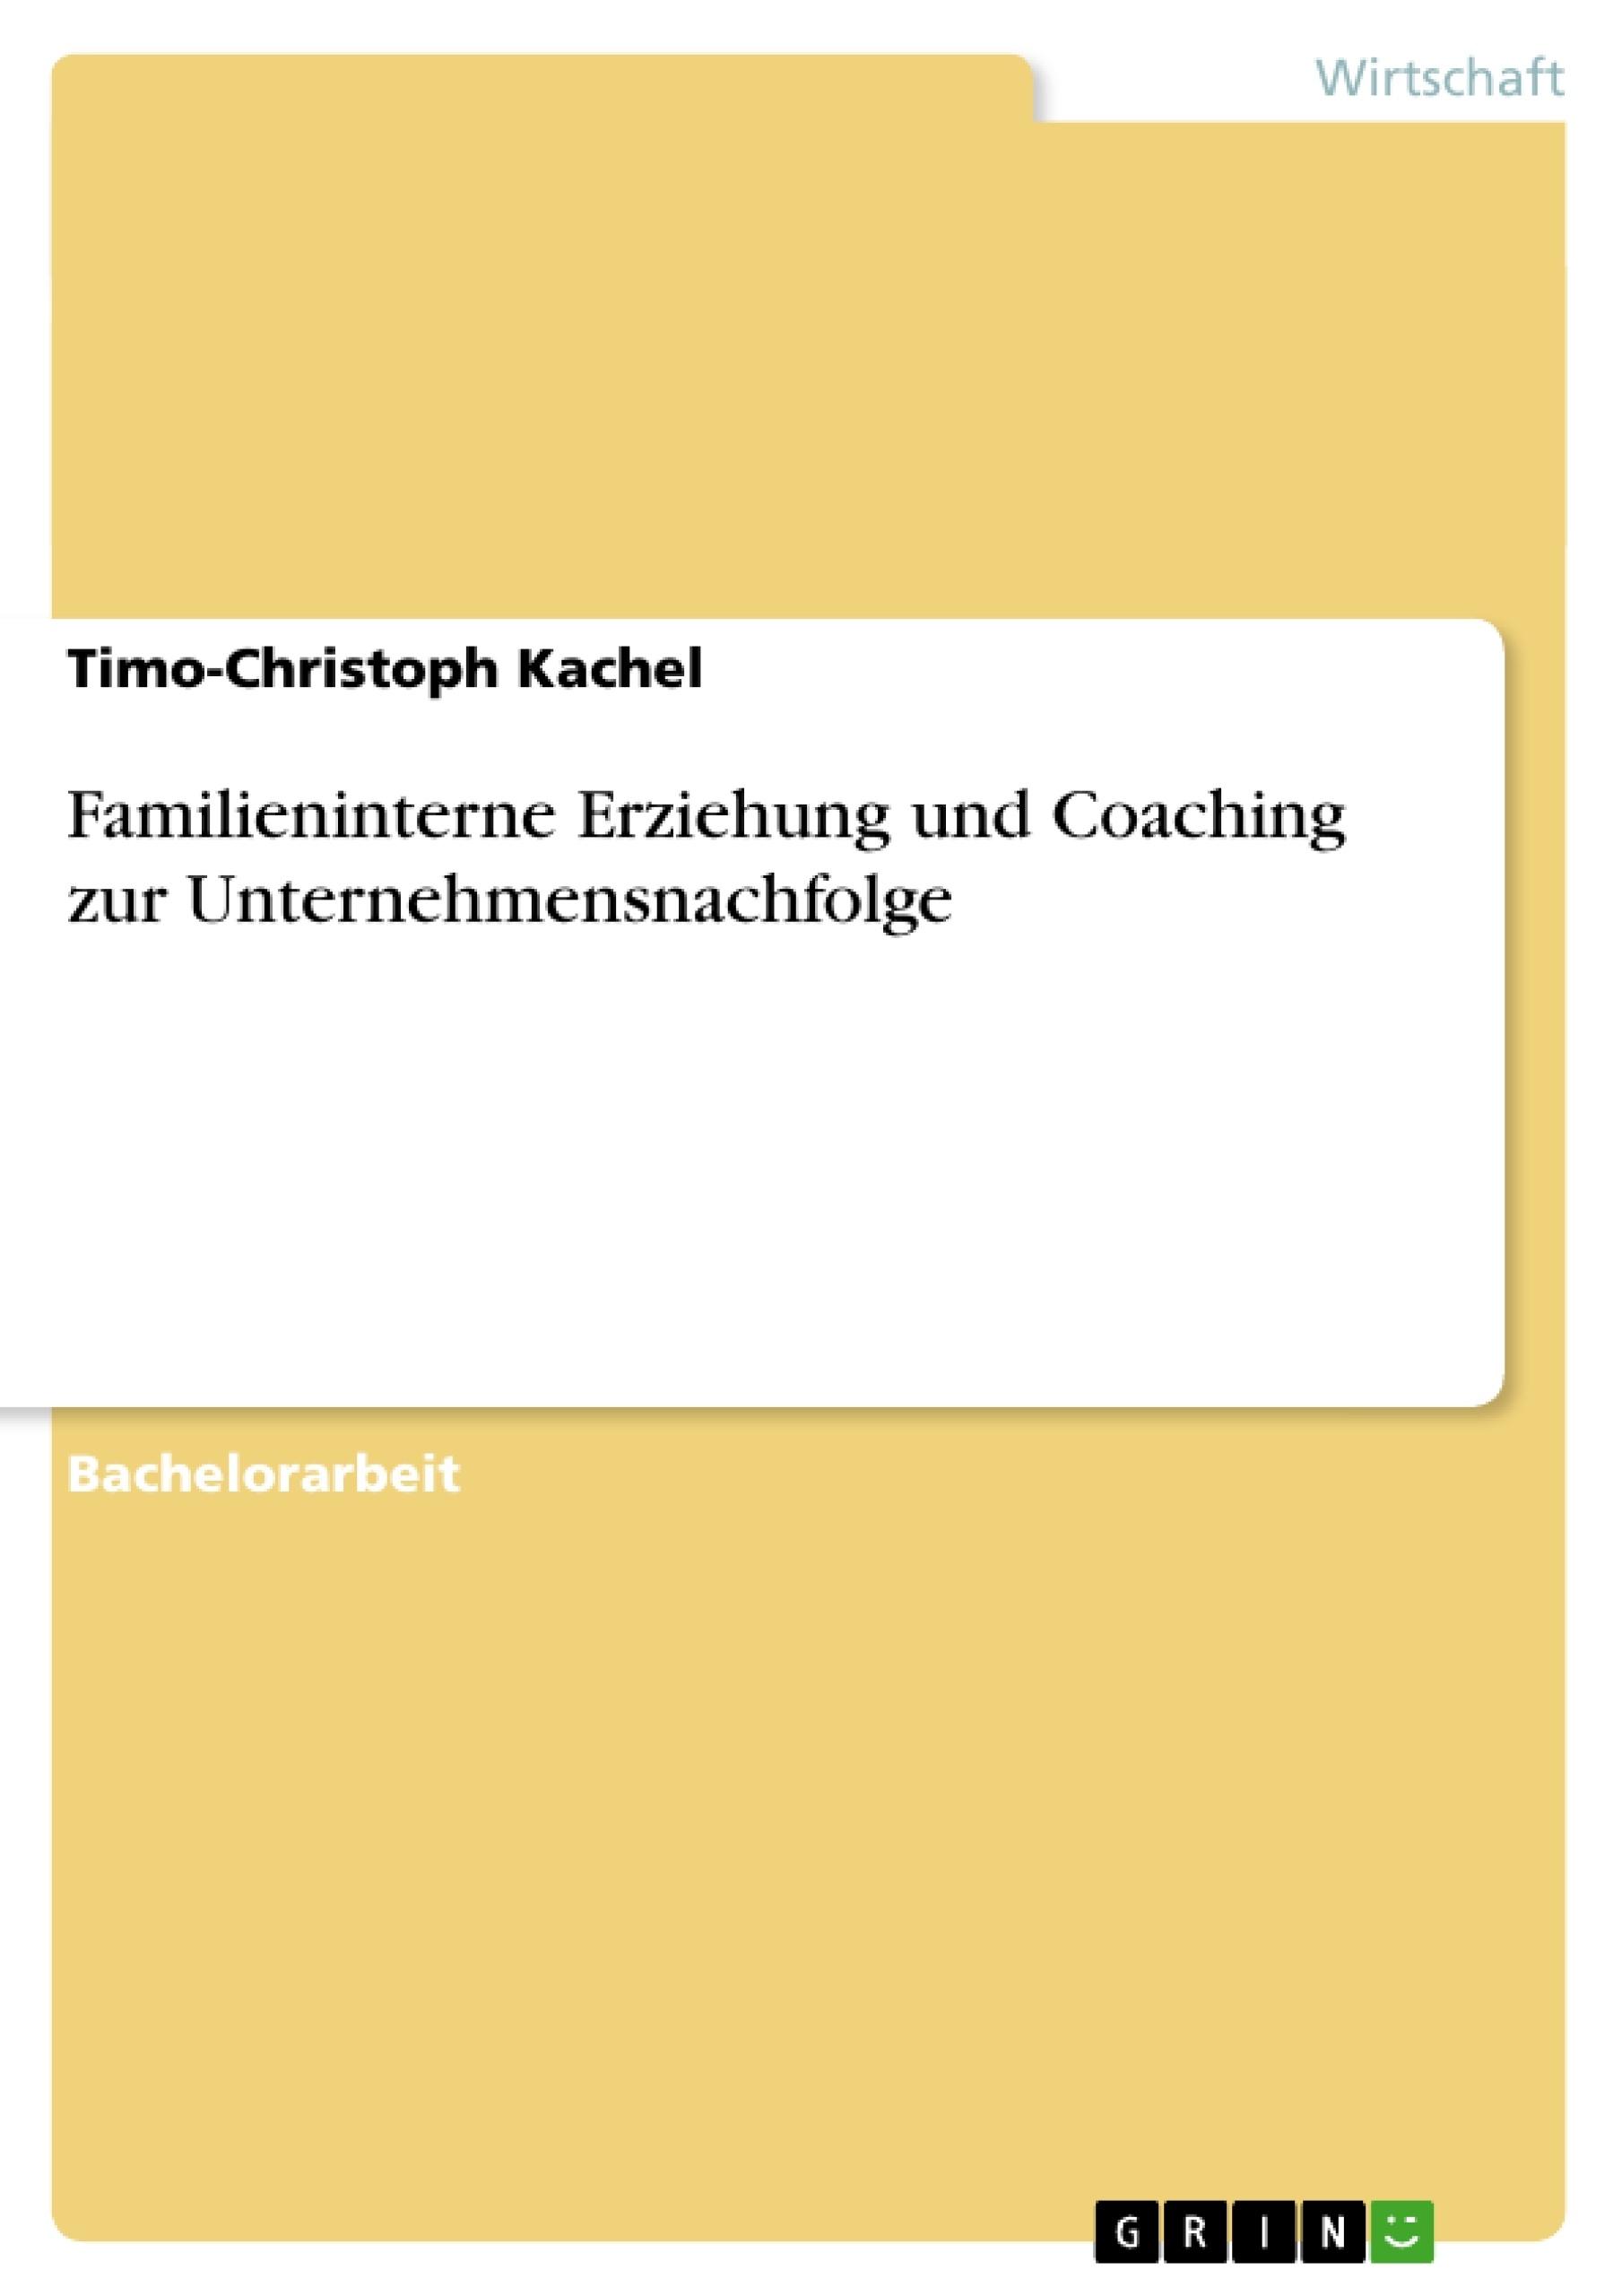 Titel: Familieninterne Erziehung und Coaching zur Unternehmensnachfolge